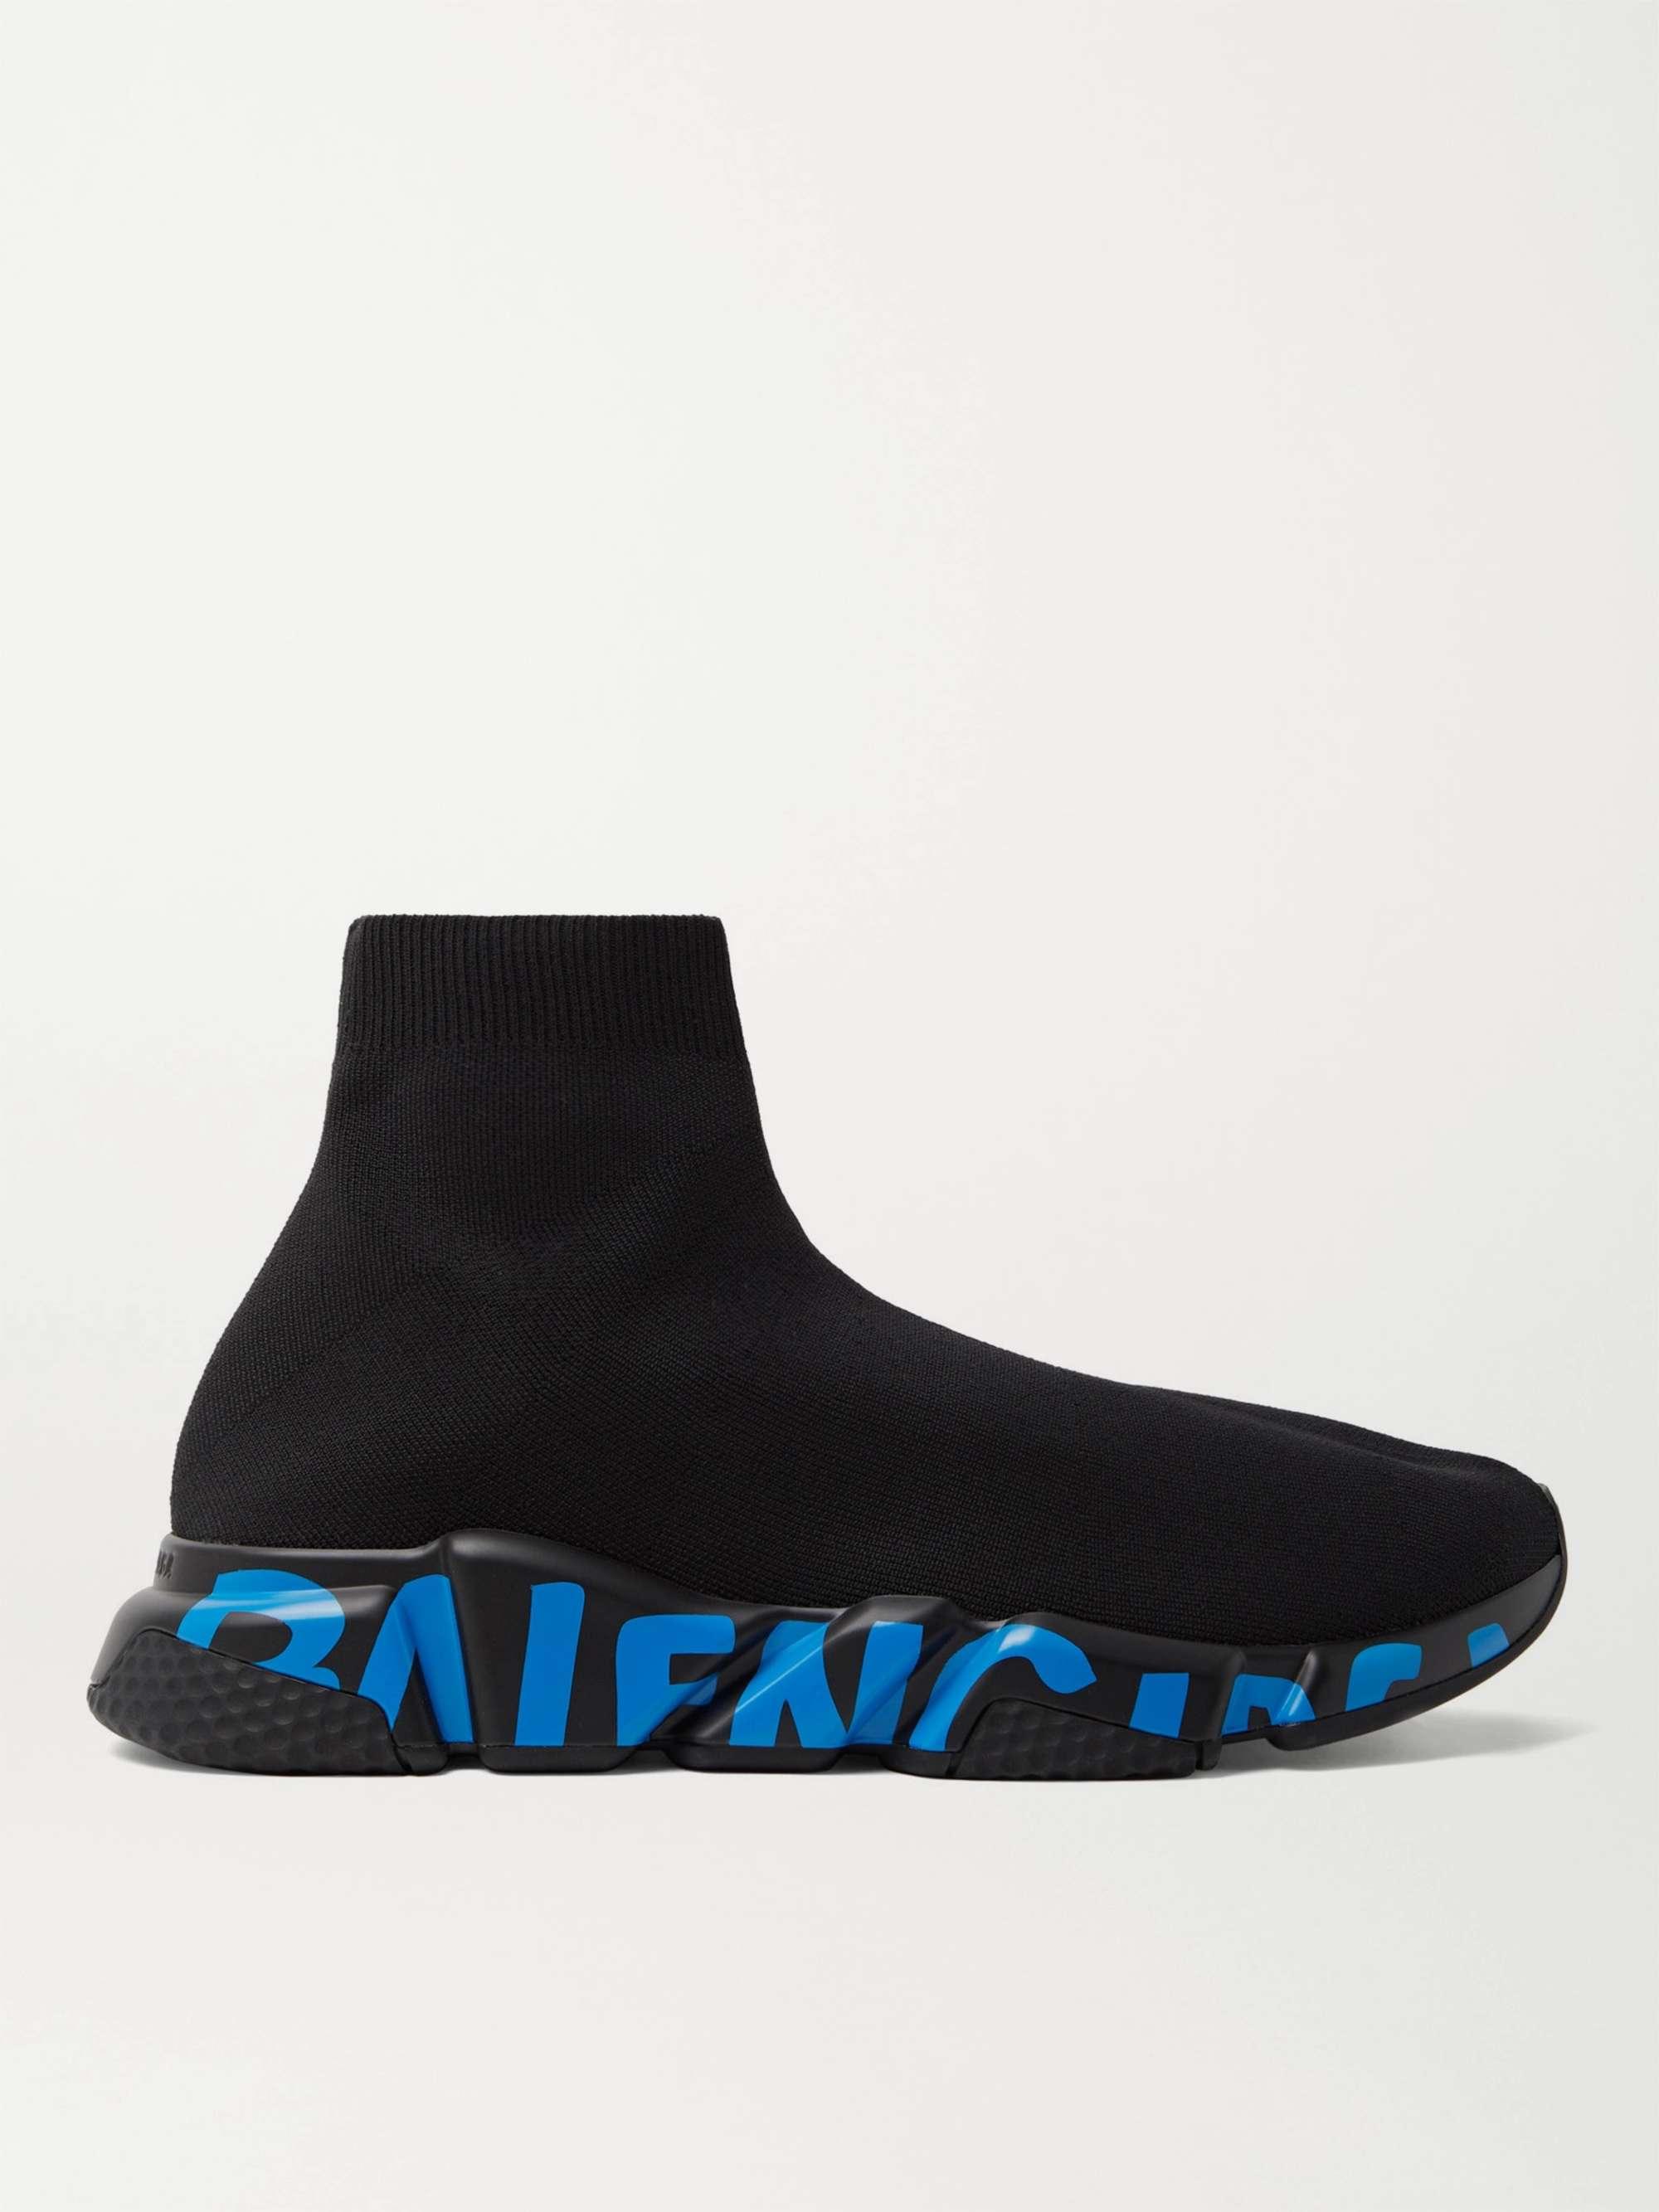 발렌시아가 스피드러너 남성용, 로고 프린트 - 블랙 Balenciaga Speed Sock Logo-Print Stretch-Knit Slip-On Sneakers,Black